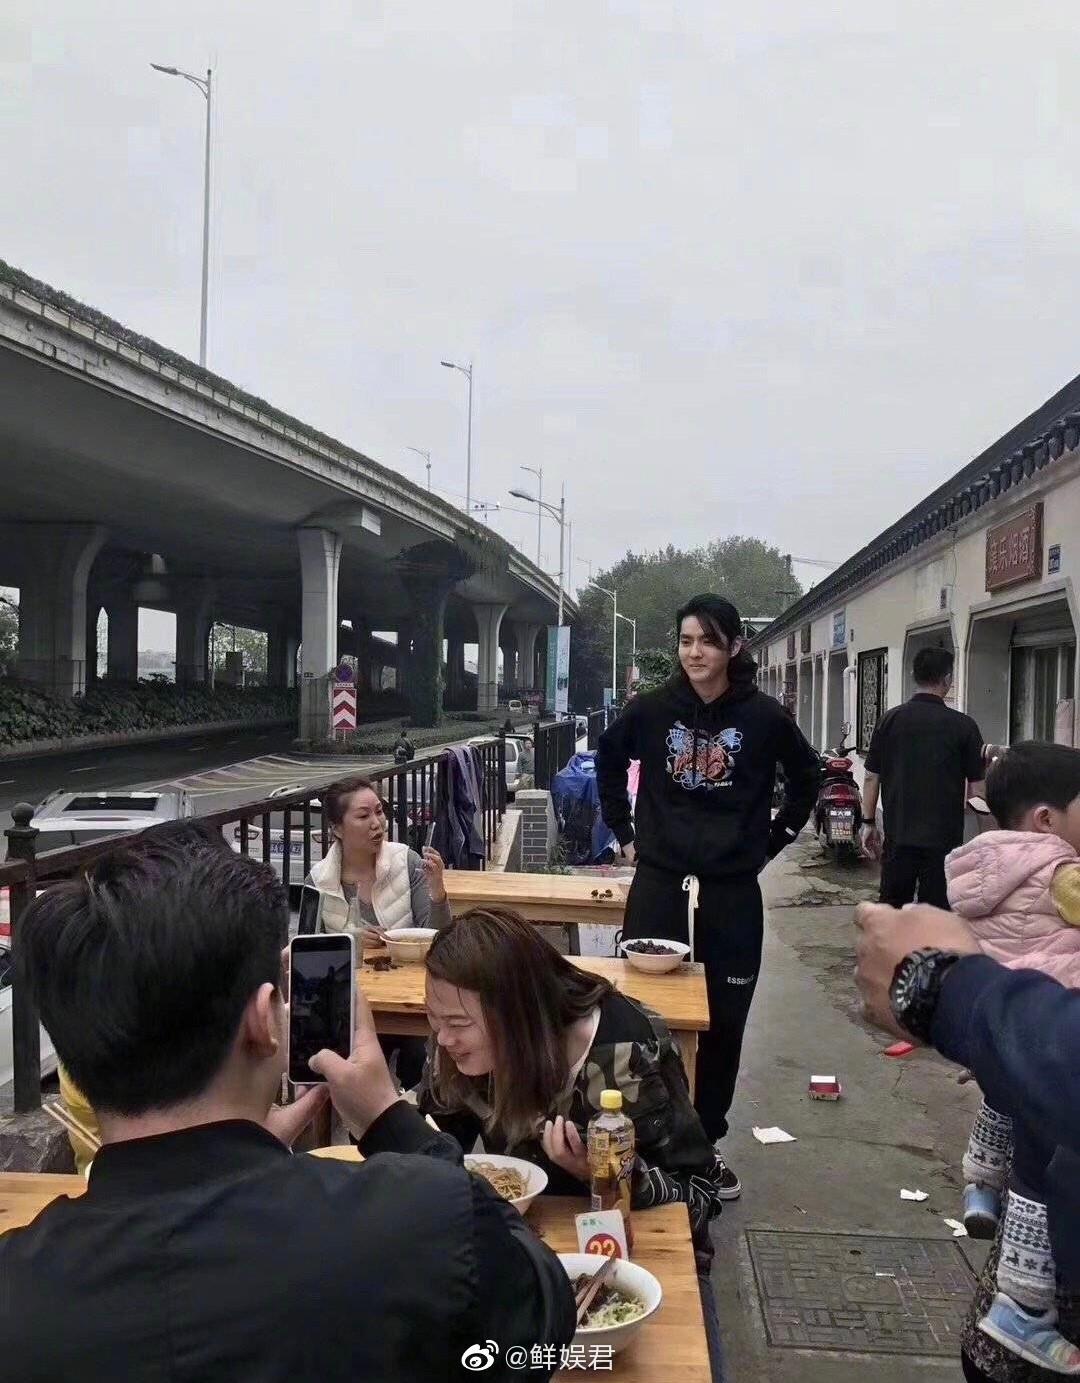 Không hổ danh là đệ nhất mỹ nam, Ngô Diệc Phàm buộc tóc hững hờ đi ăn mì thôi cũng khiến Weibo dậy sống